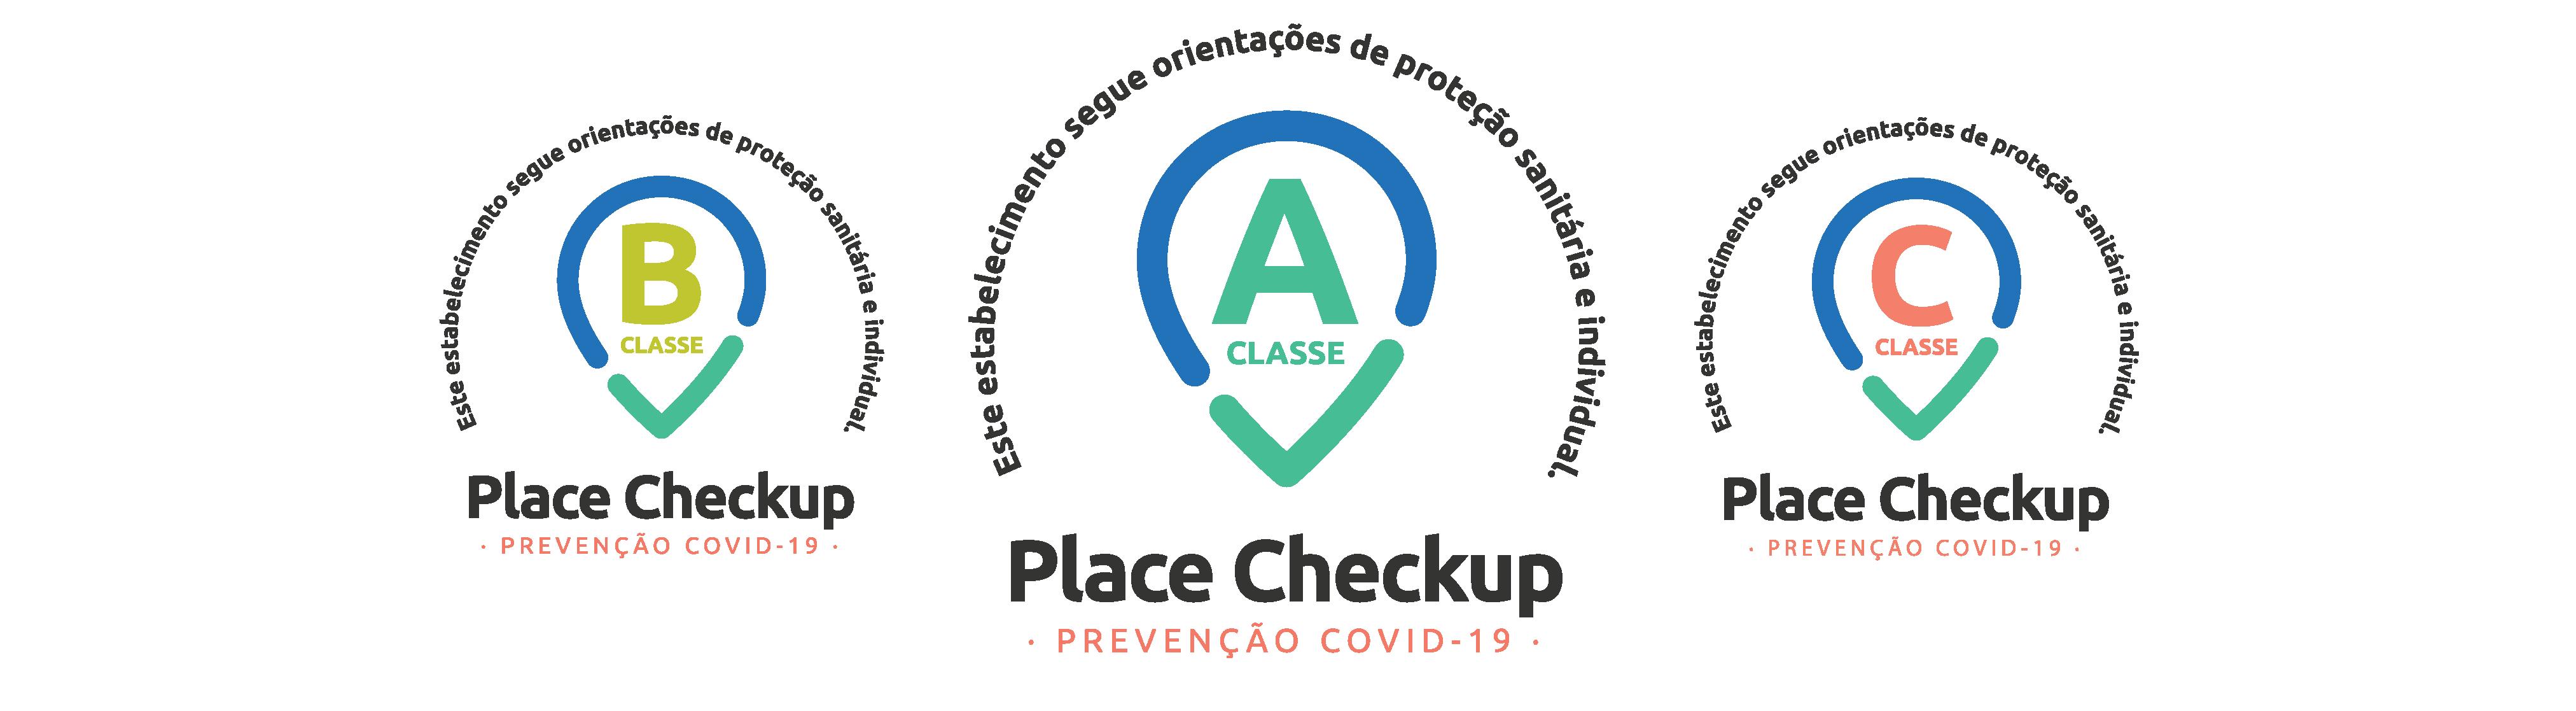 Selos Place Checkup Classe A, B e C